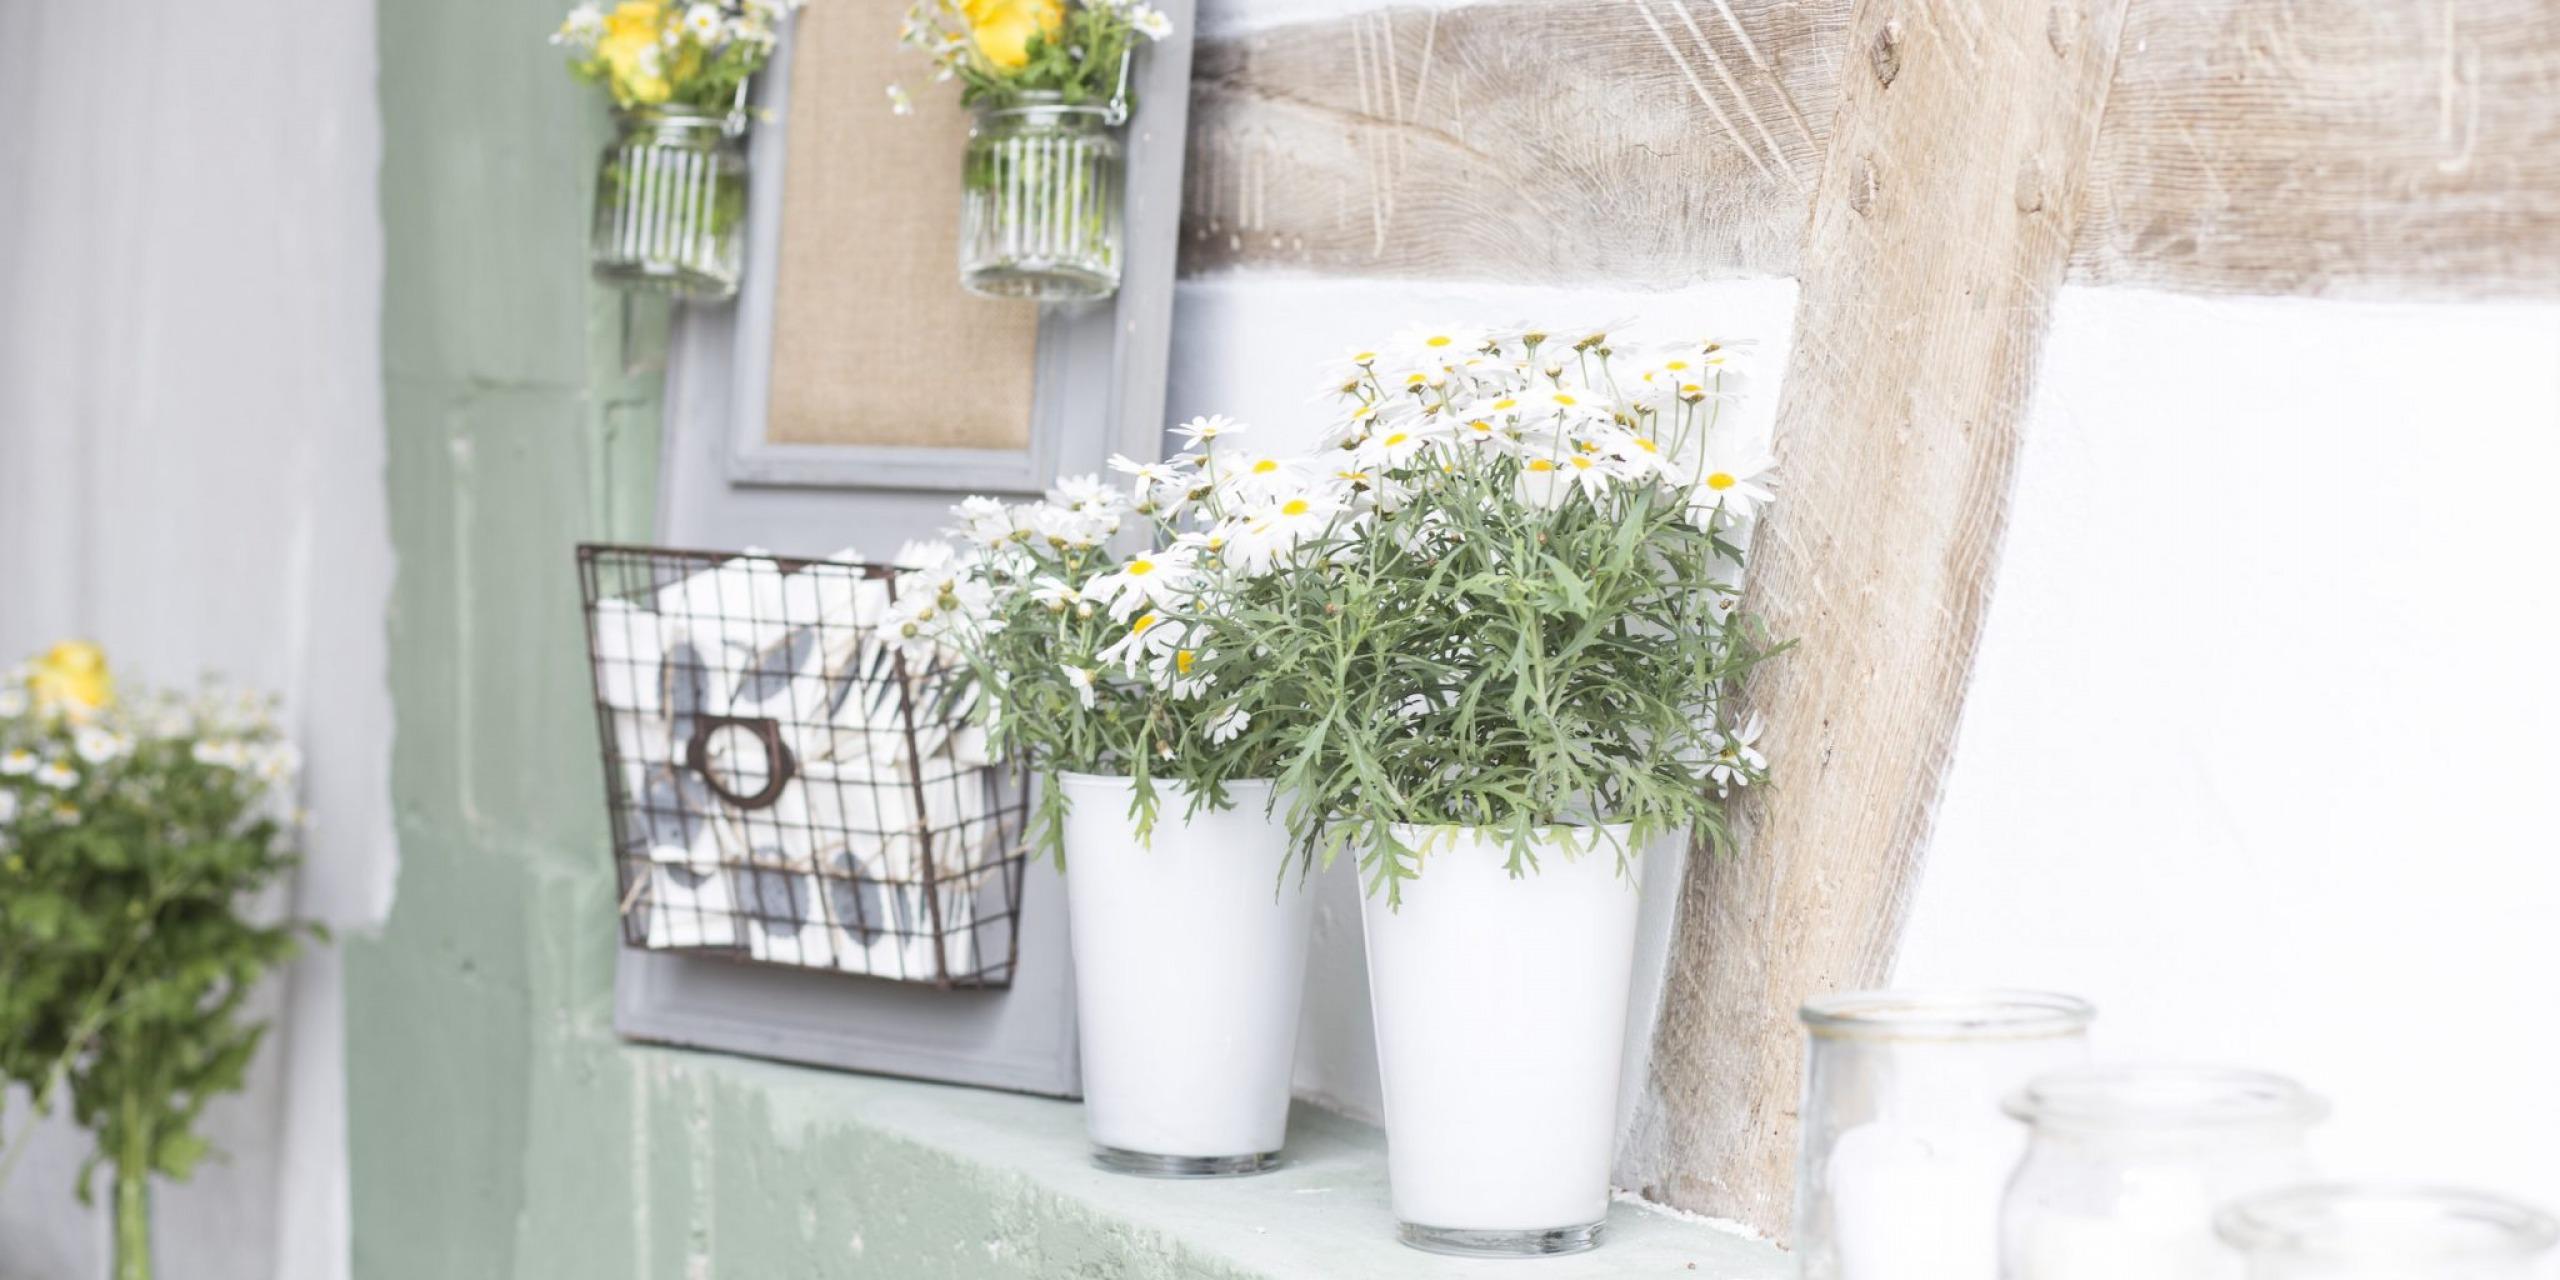 Hochzeit von Jannine und Christian in Münster: Blumen an einer Steinmauer